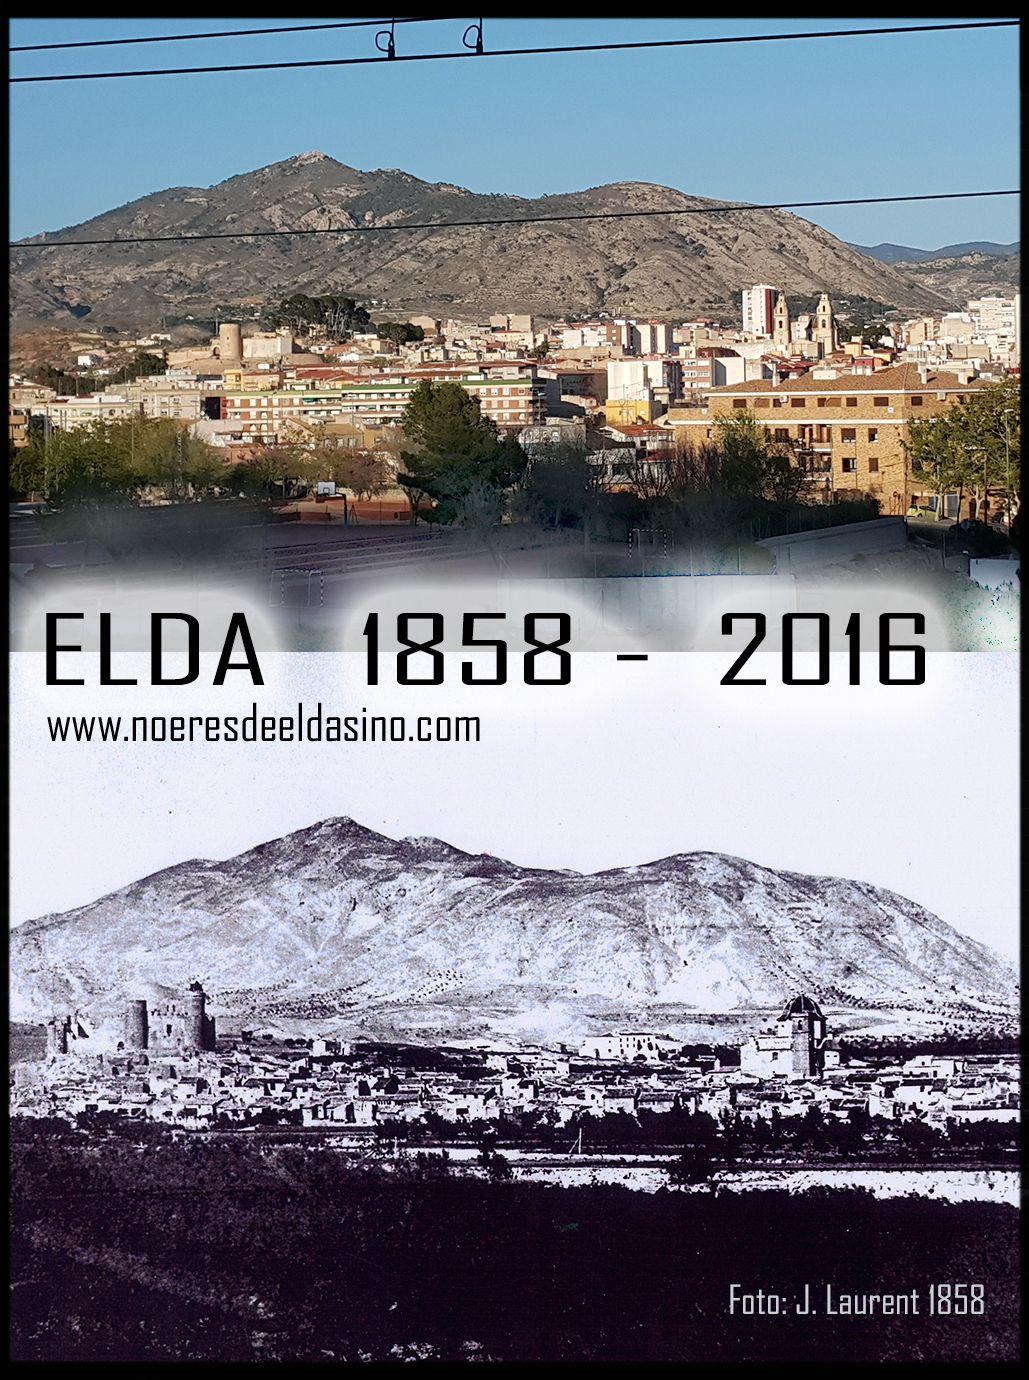 Elda-1858-2016-noeresdeeldasino